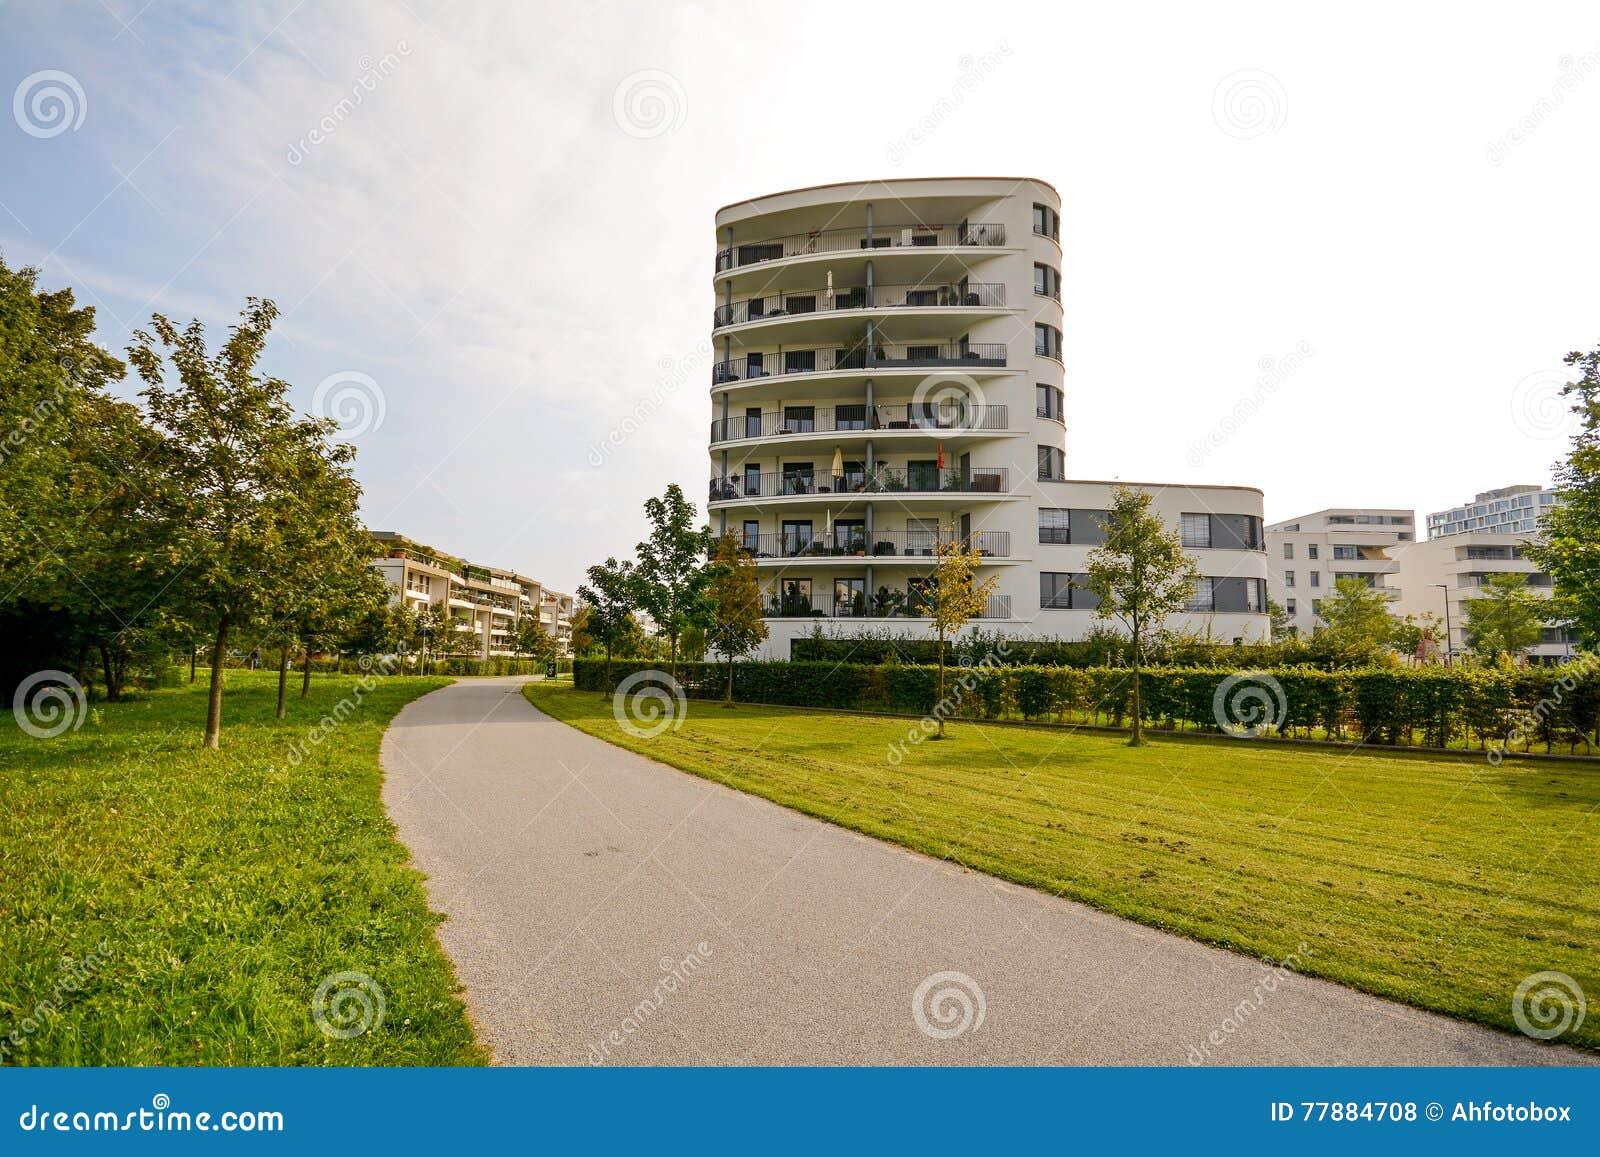 Torre Residencial Moderna, Construcción De Viviendas En Un Nuevo Desarrollo Urbano Foto de archivo